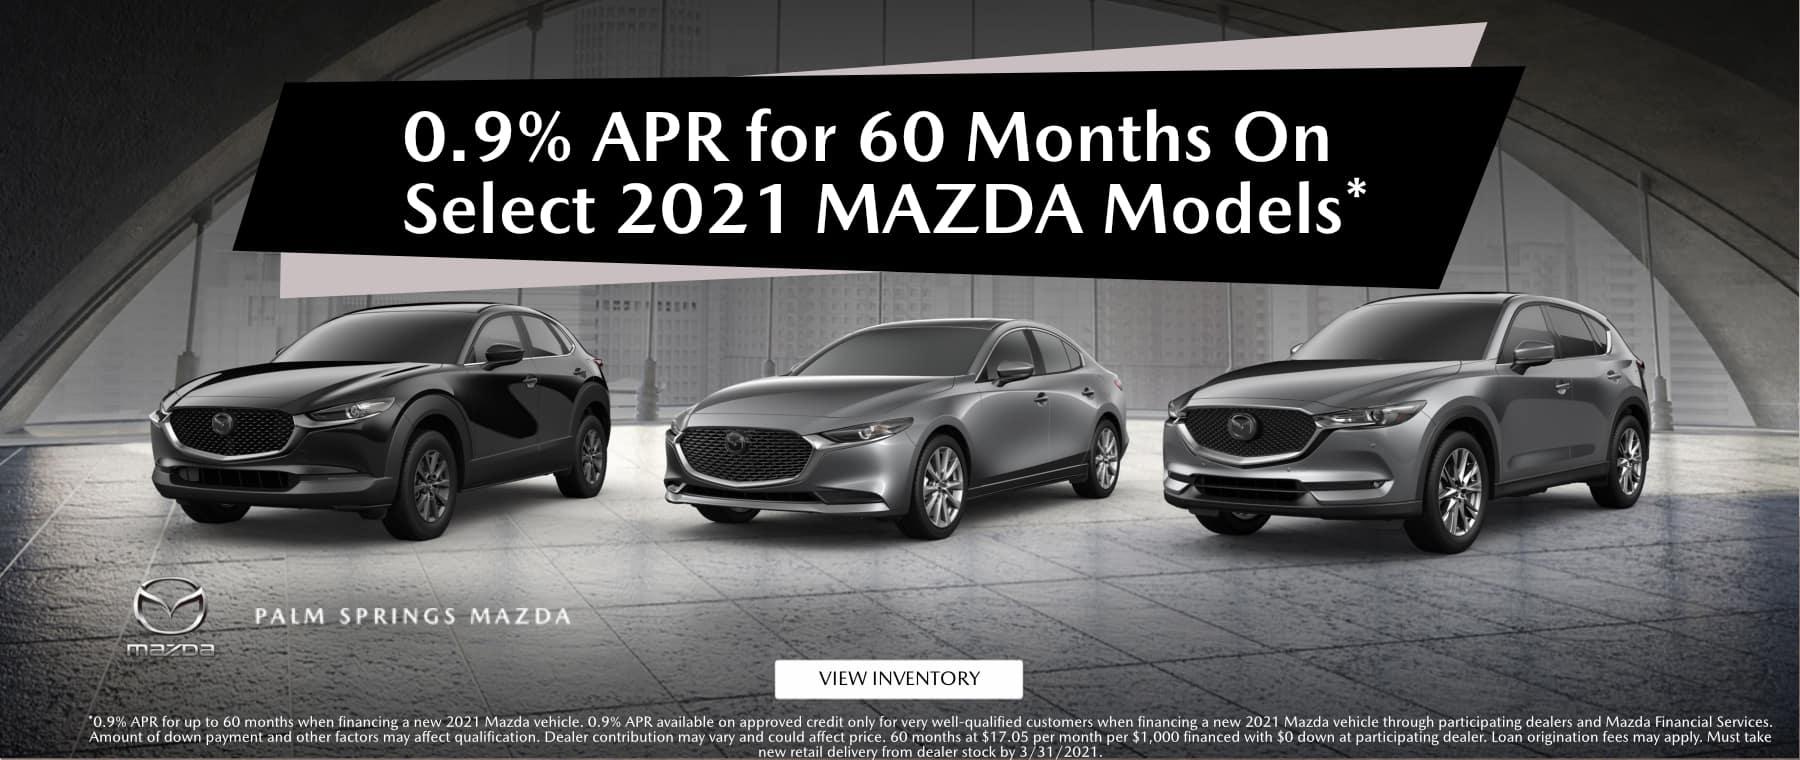 April_2021 General Palm Springs Mazda